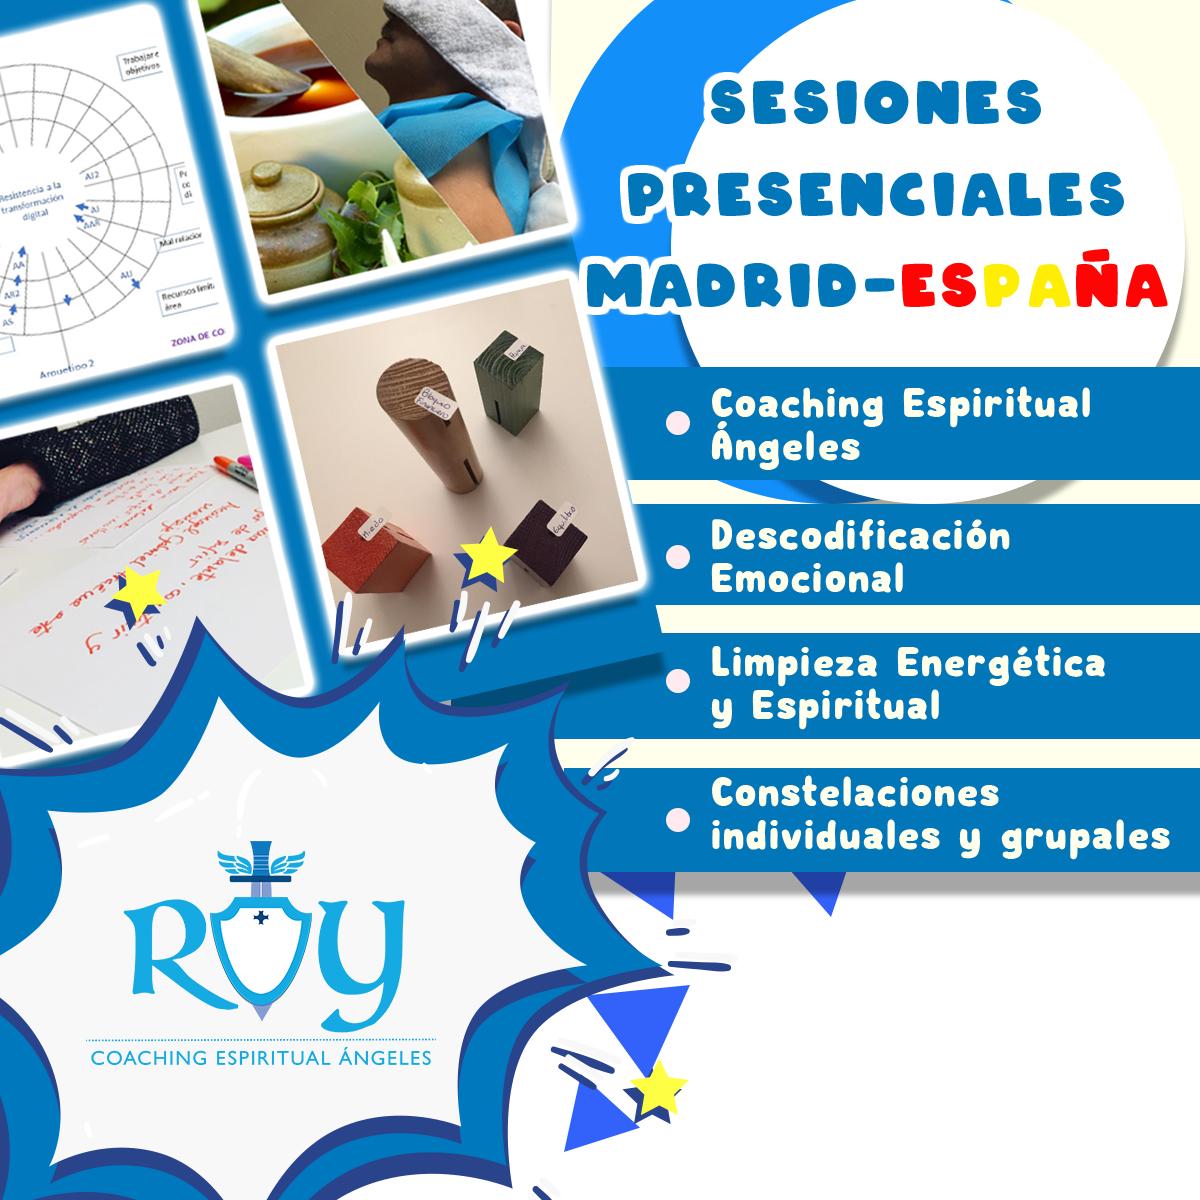 Sesiones presenciales Madrid